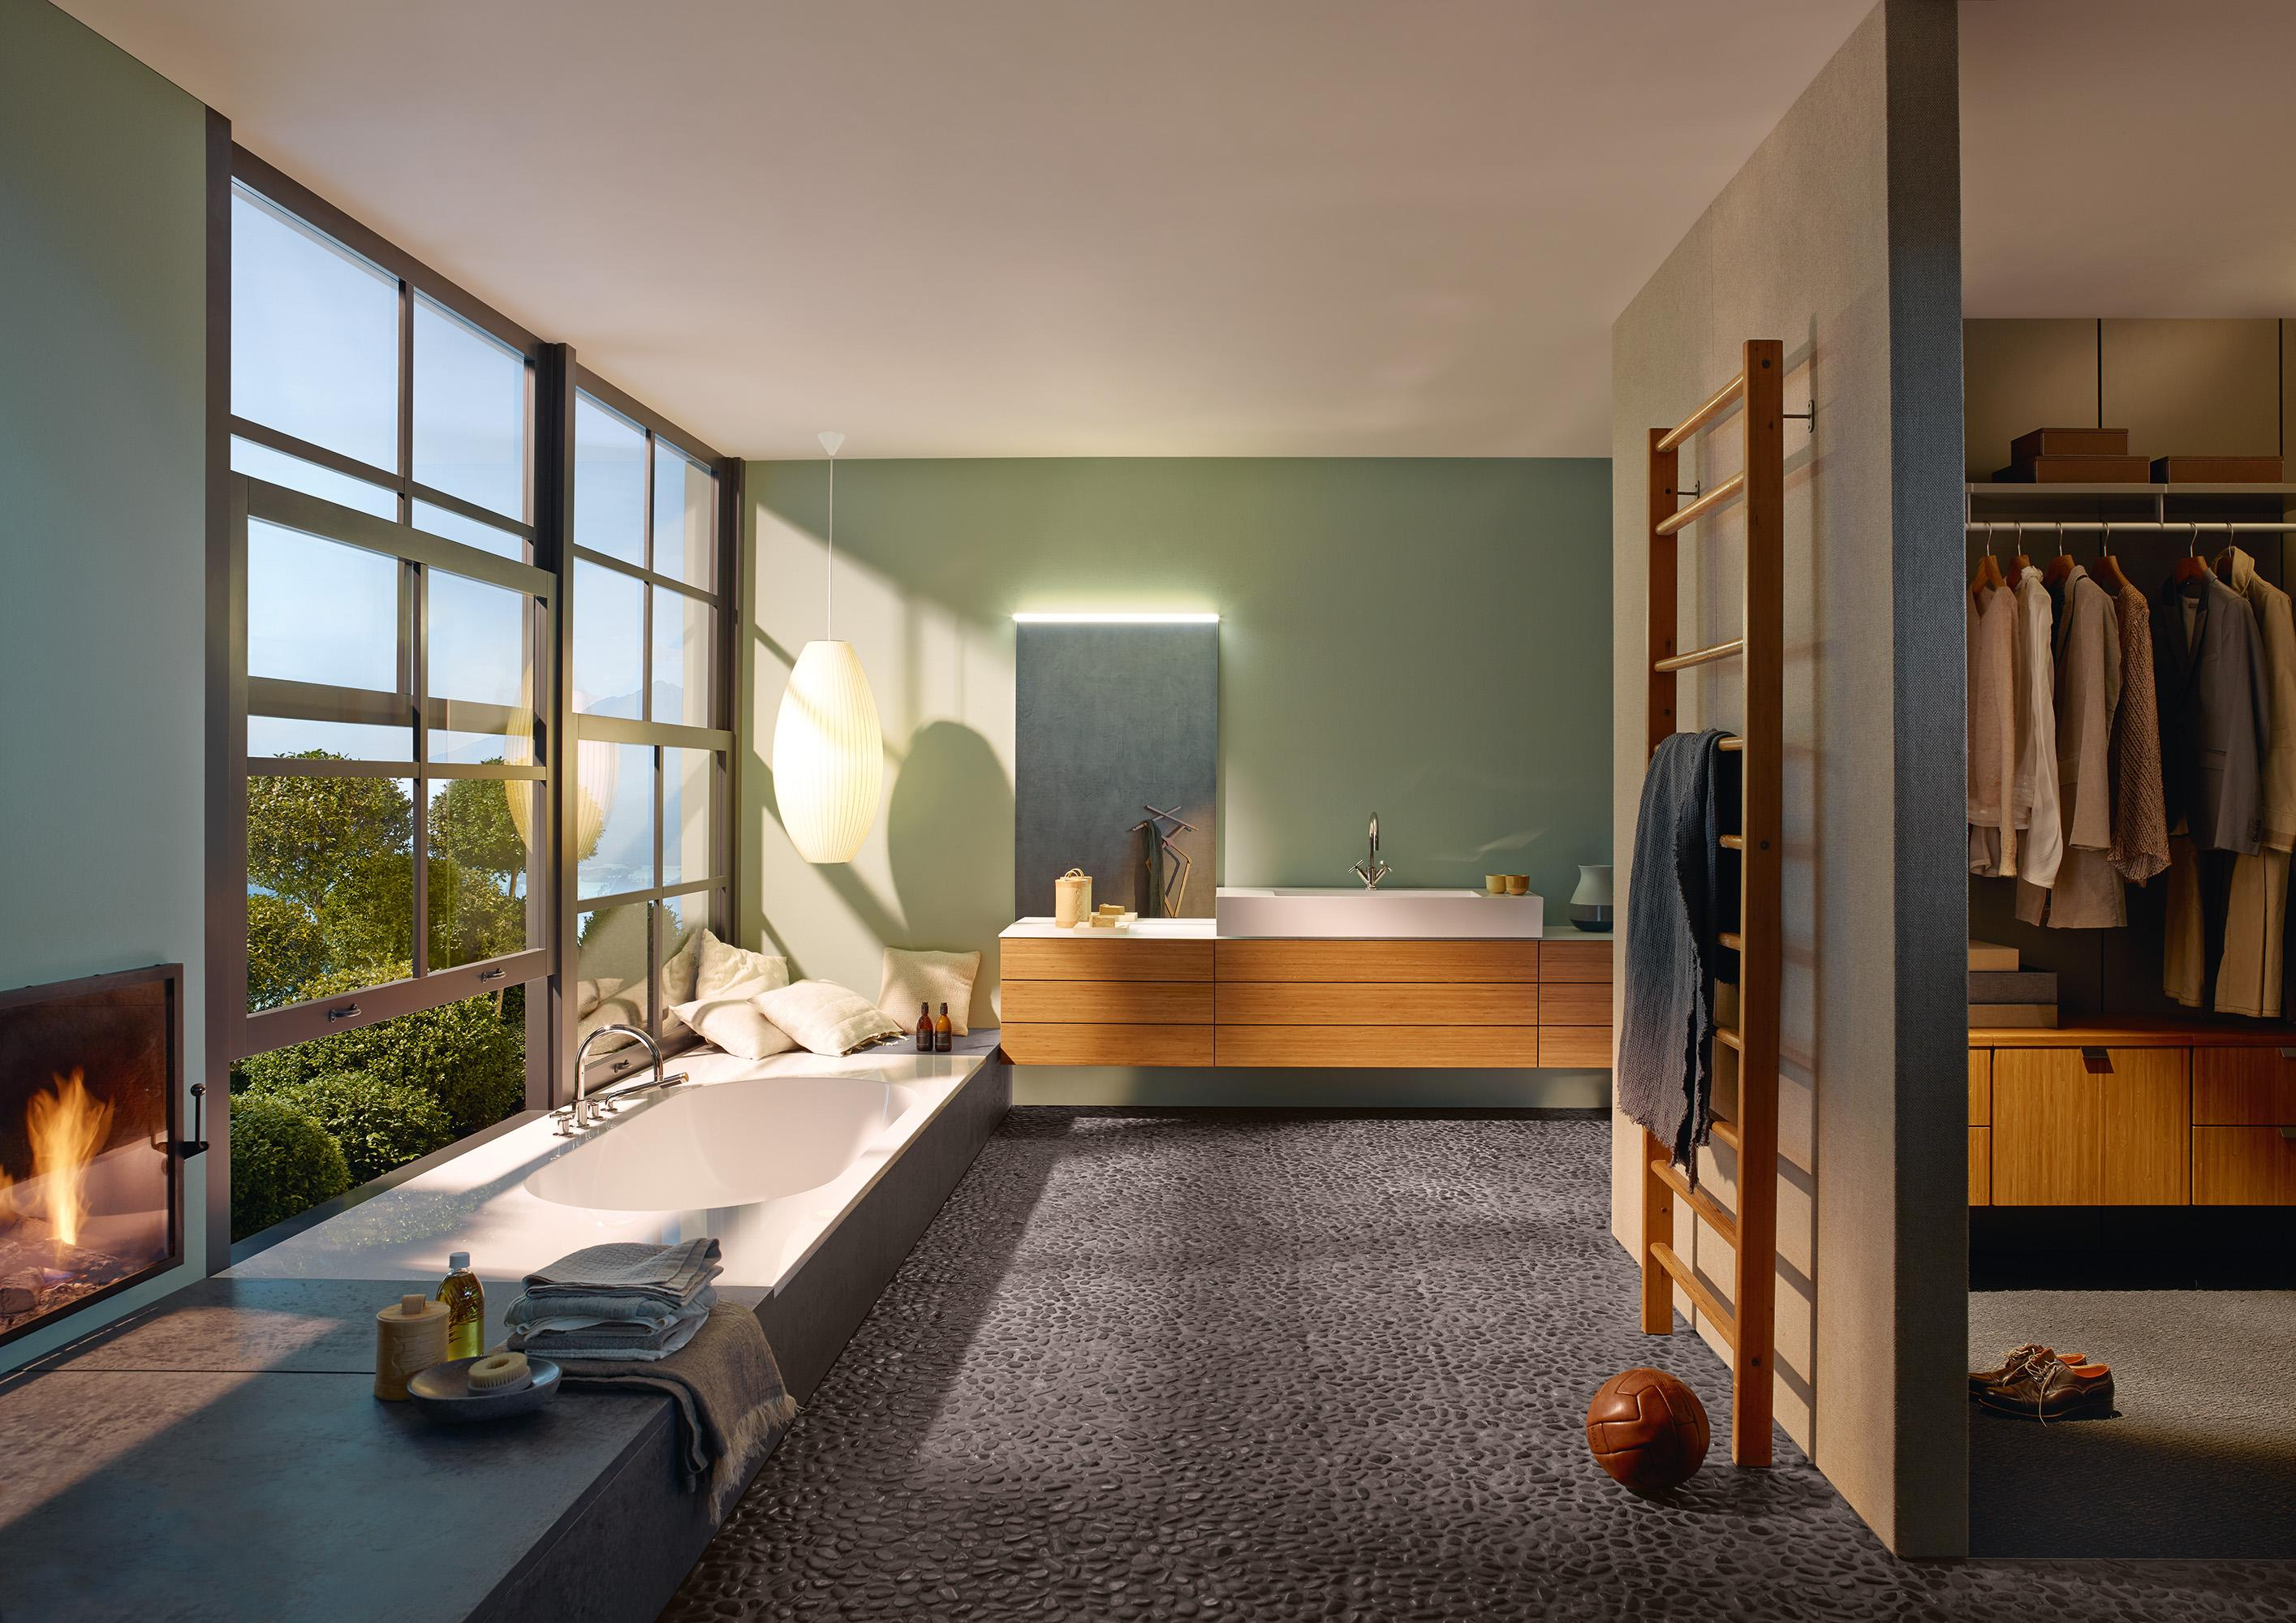 Bild für badezimmer  Badezimmer gestalten • Bilder & Ideen • COUCHstyle